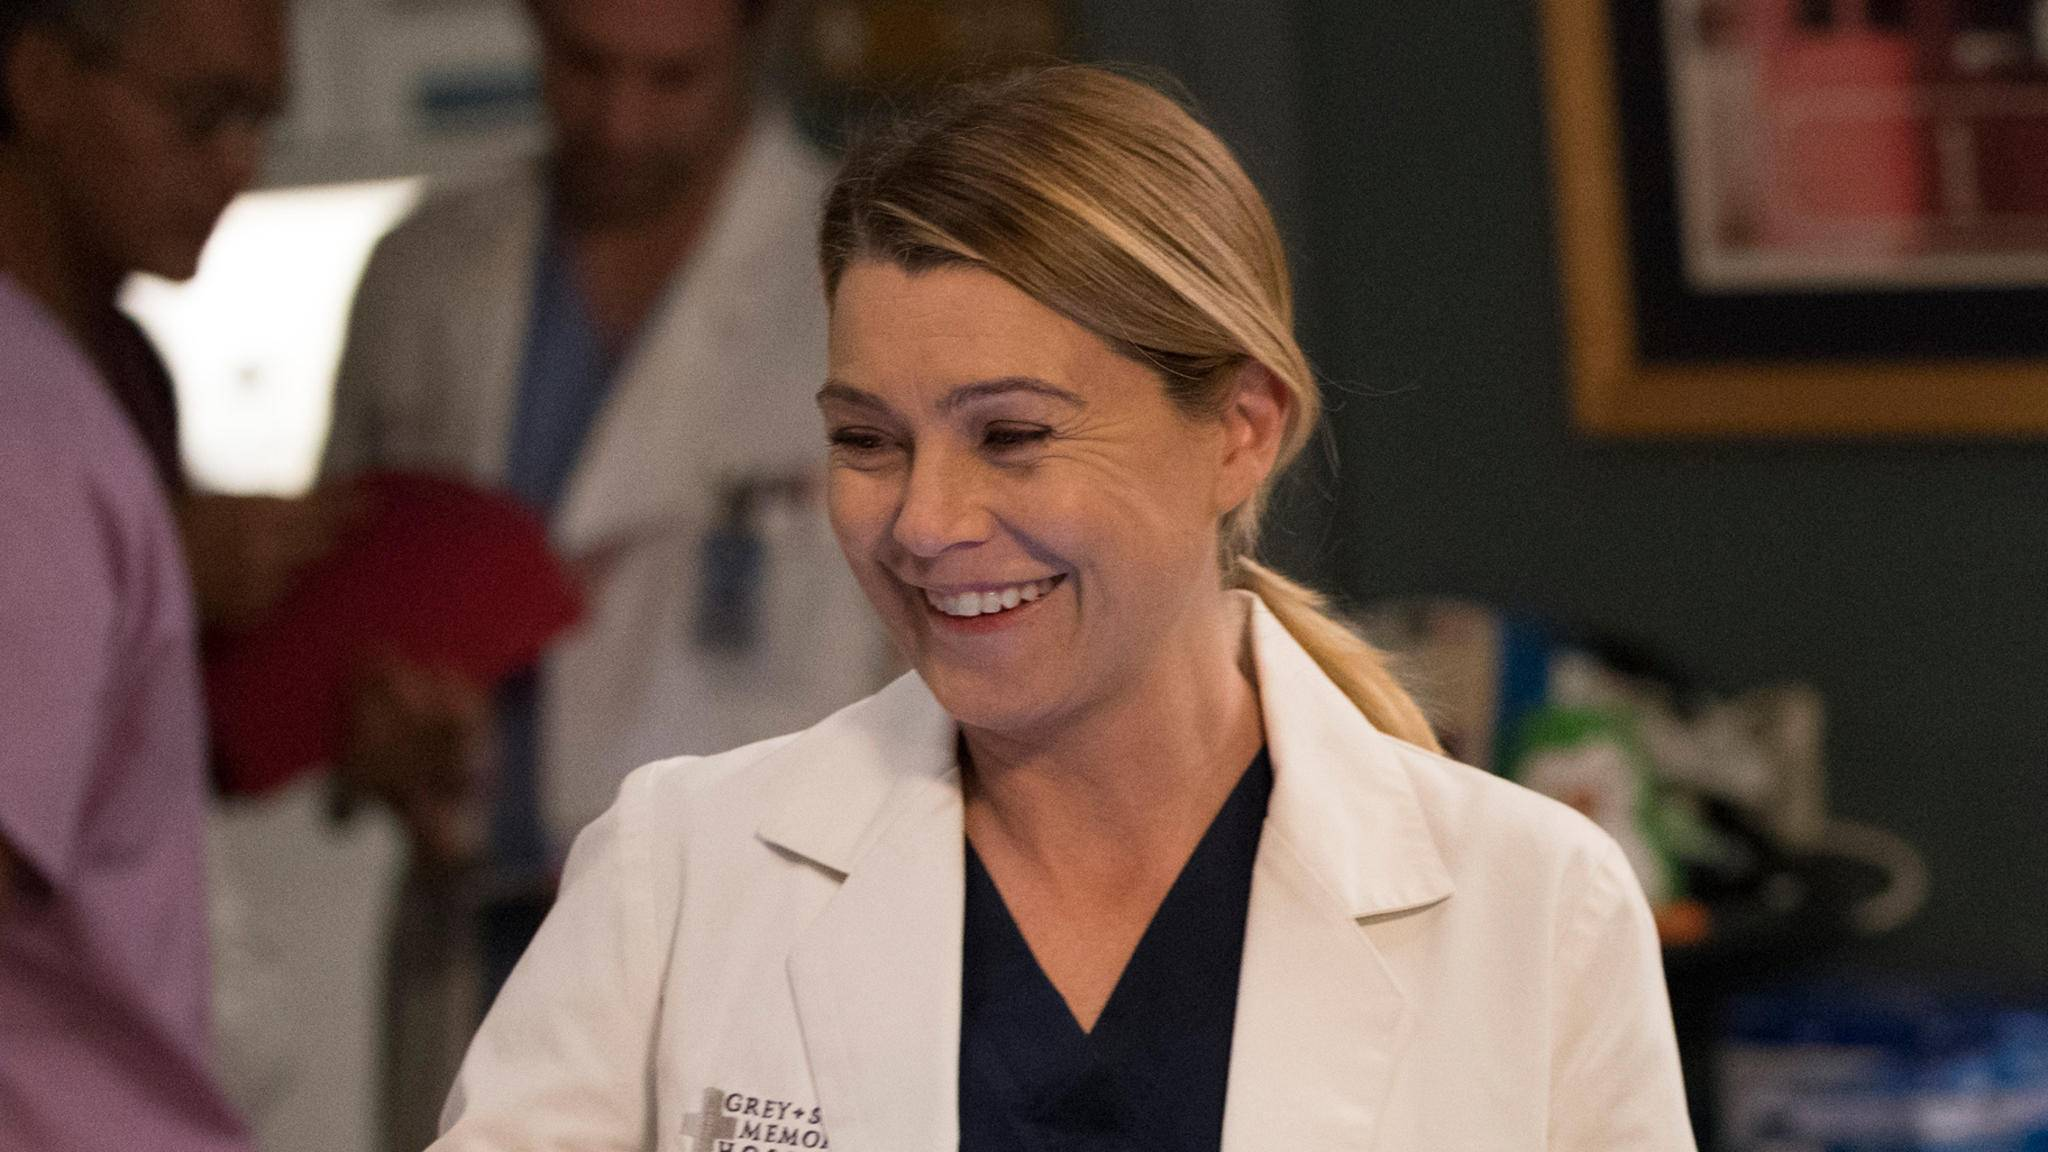 Episoden GreyS Anatomy